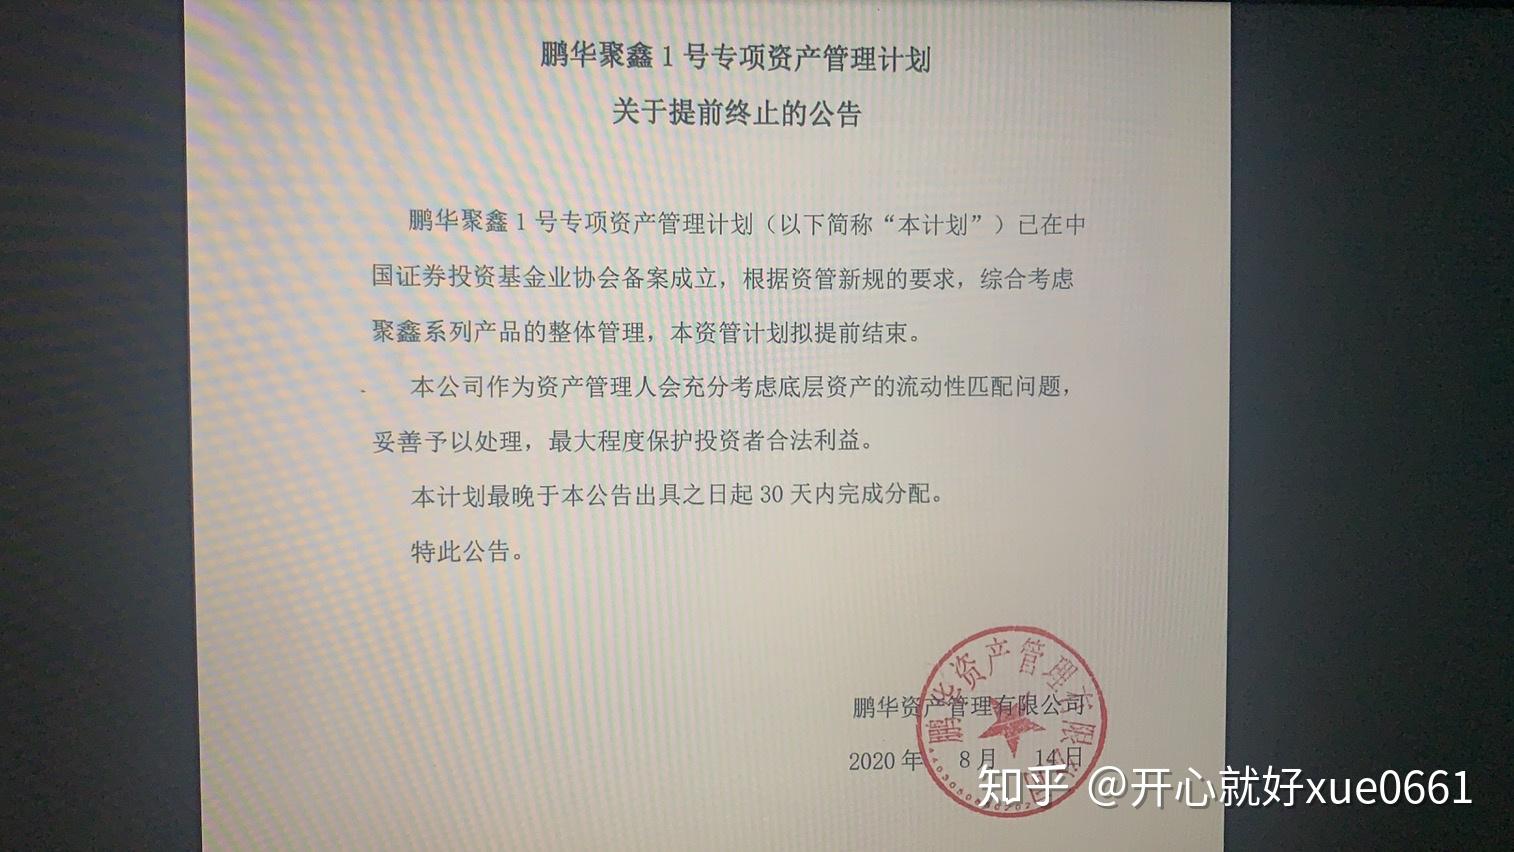 """鹏华基金子公司踩雷:代销机构工行却""""积极""""兑付 缘何?"""